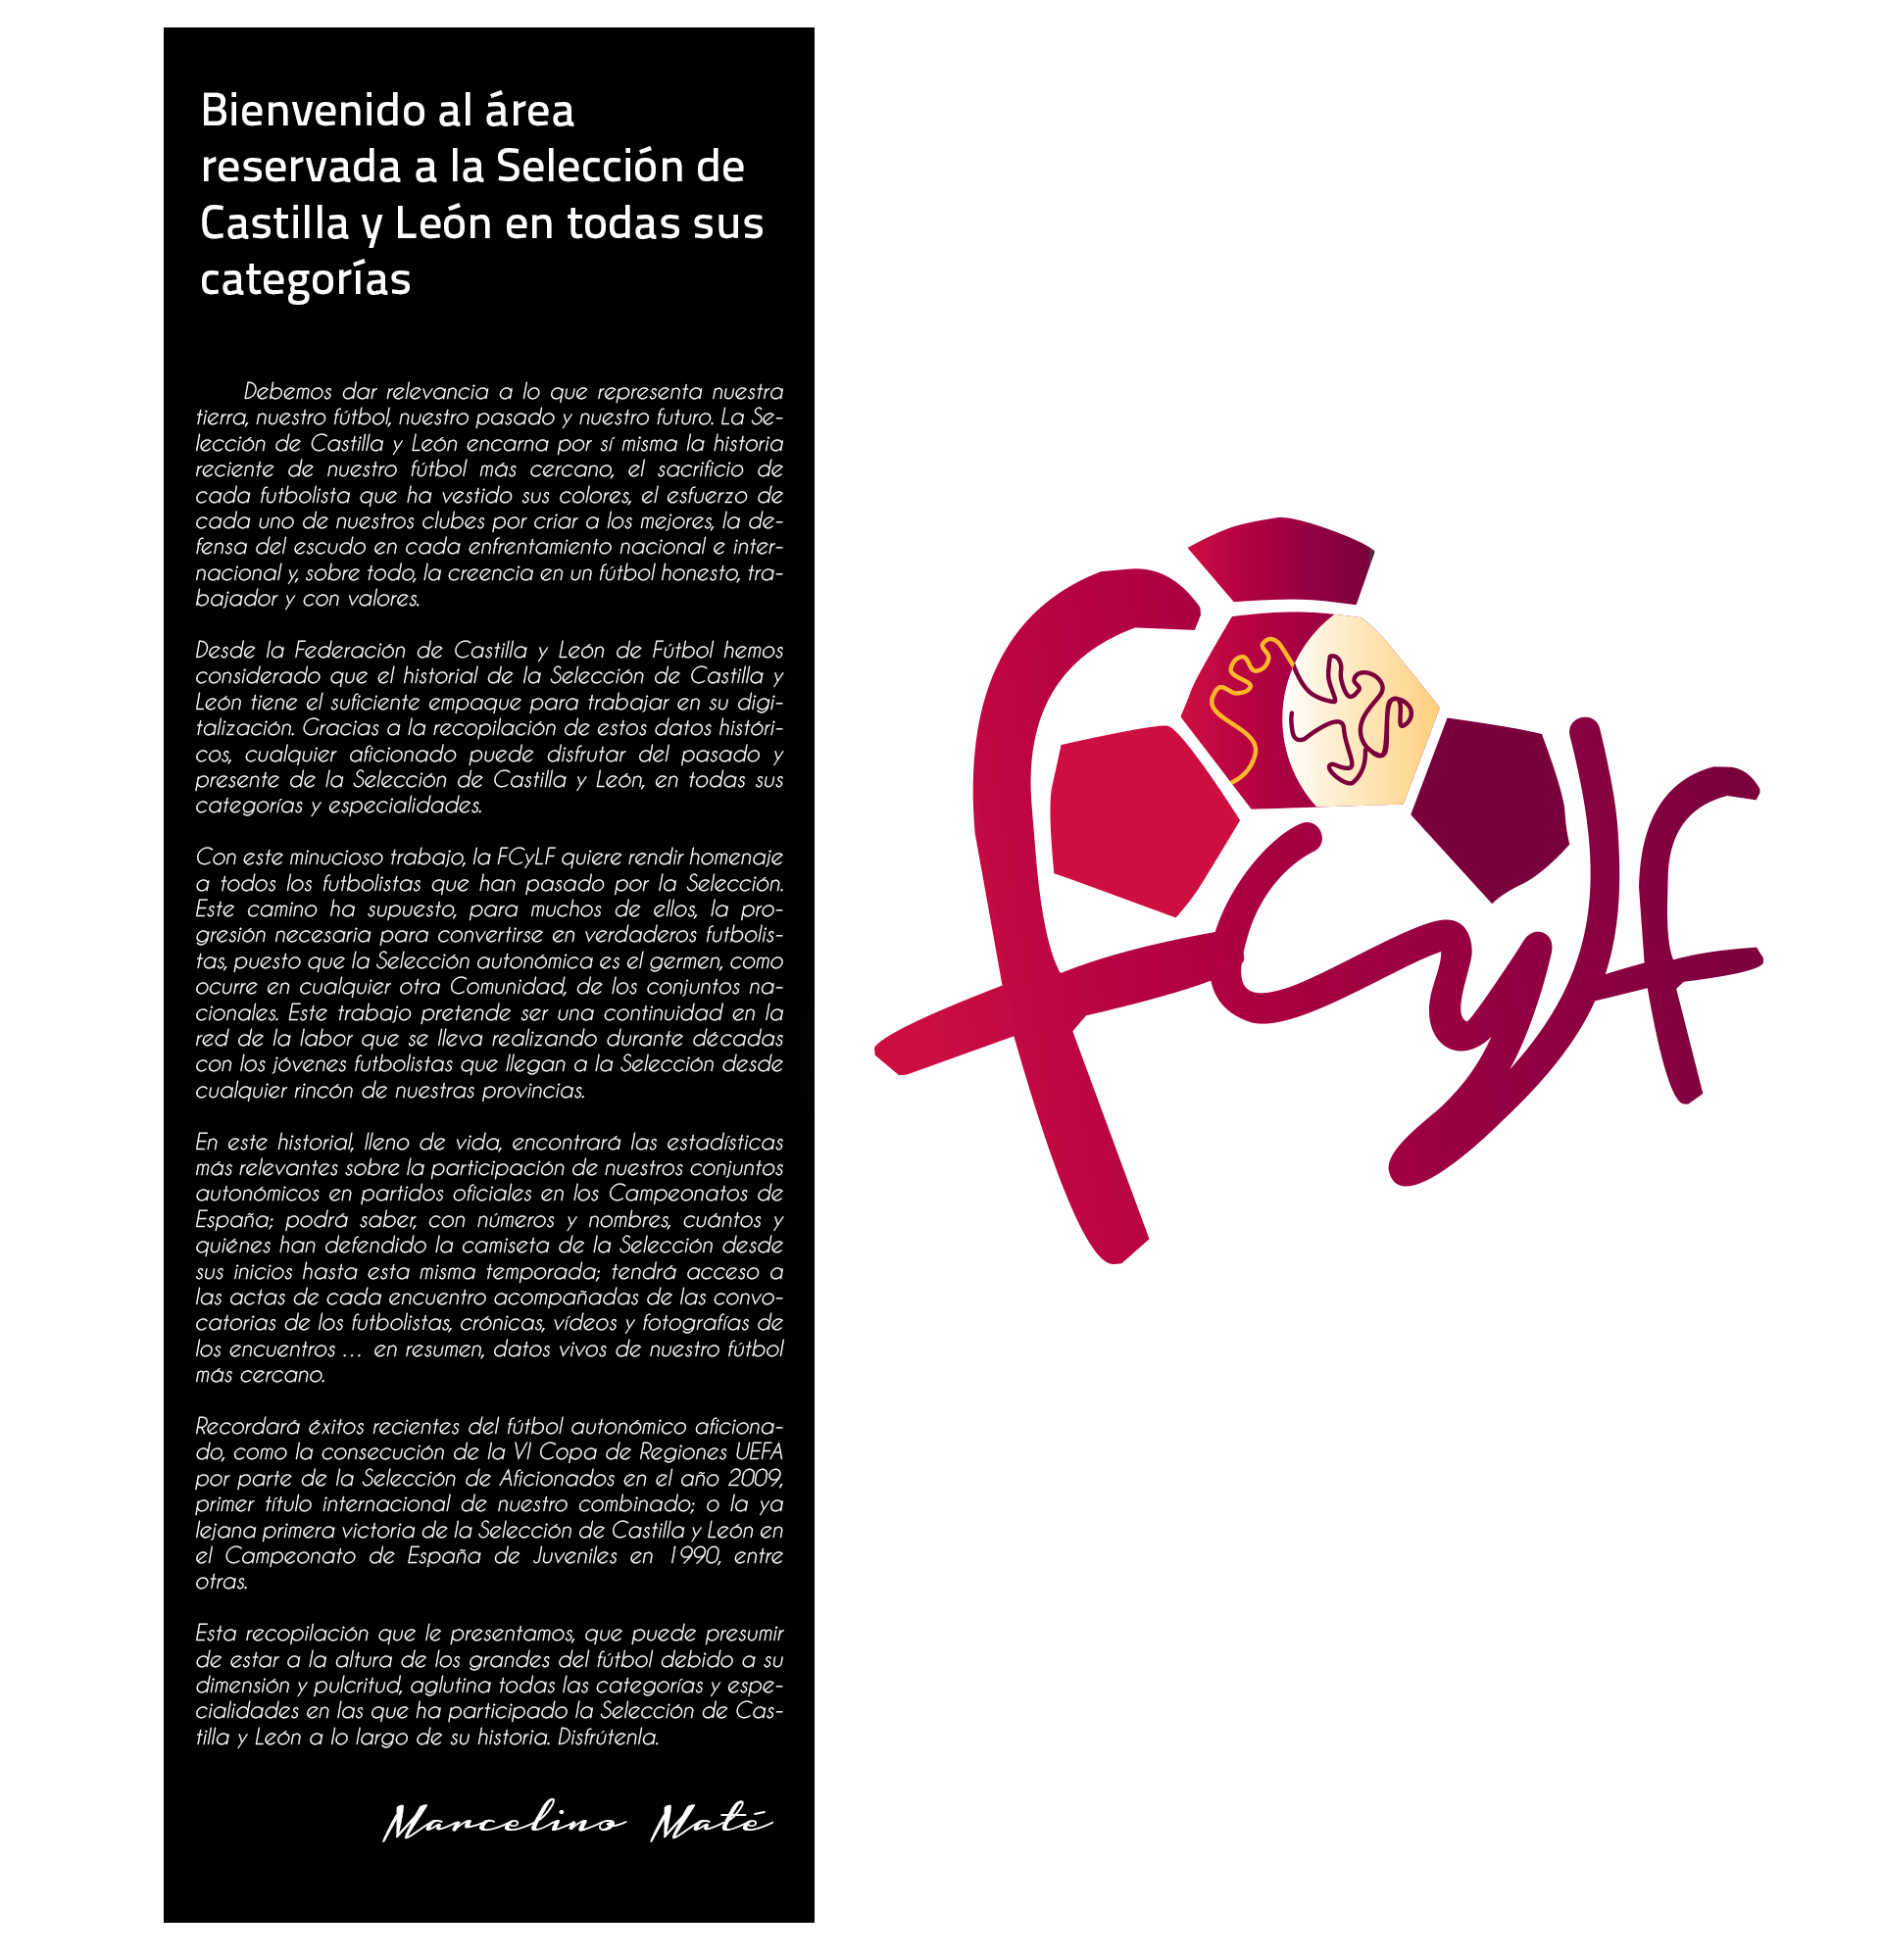 Competiciones de la Federacion de Castilla y Leon de Futbol 53f603db308bc